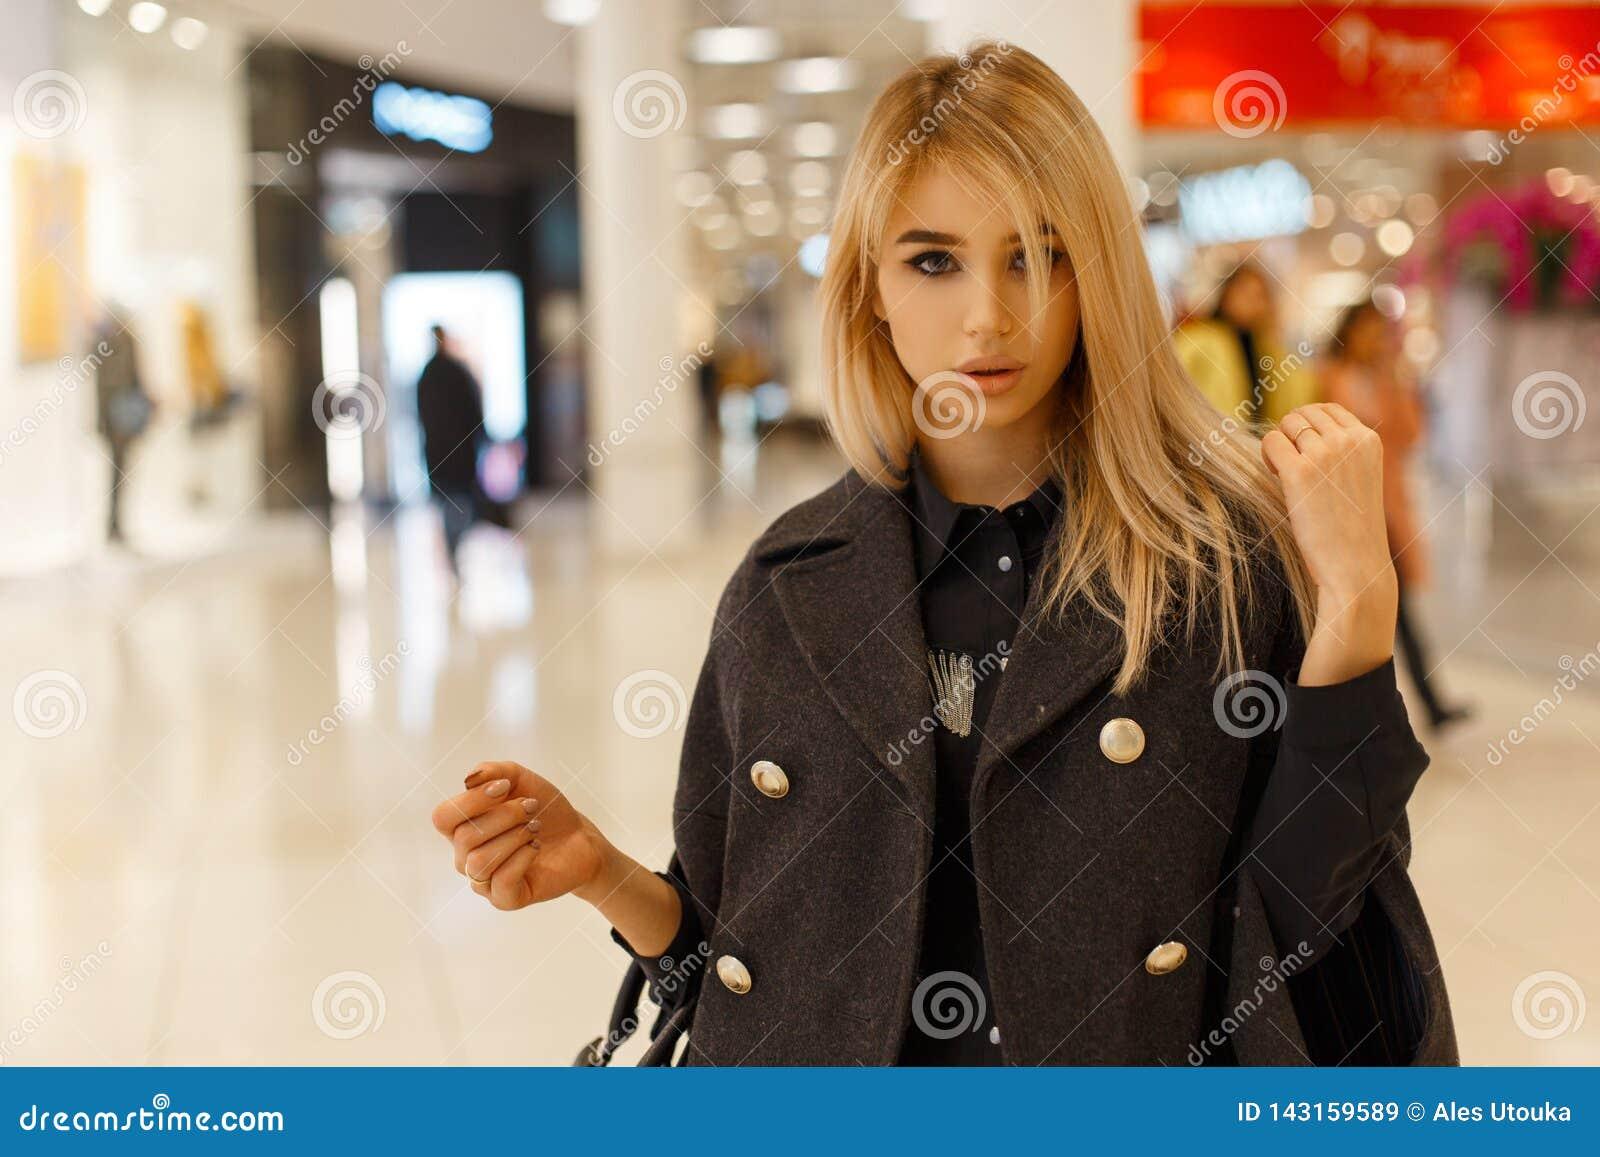 Μοντέρνη προκλητική νέα ξανθή γυναίκα με τα γκρίζα μάτια σε ένα μοντέρνο γκρίζο παλτό σε ένα μαύρο καθιερώνον τη μόδα πουκάμισο μ